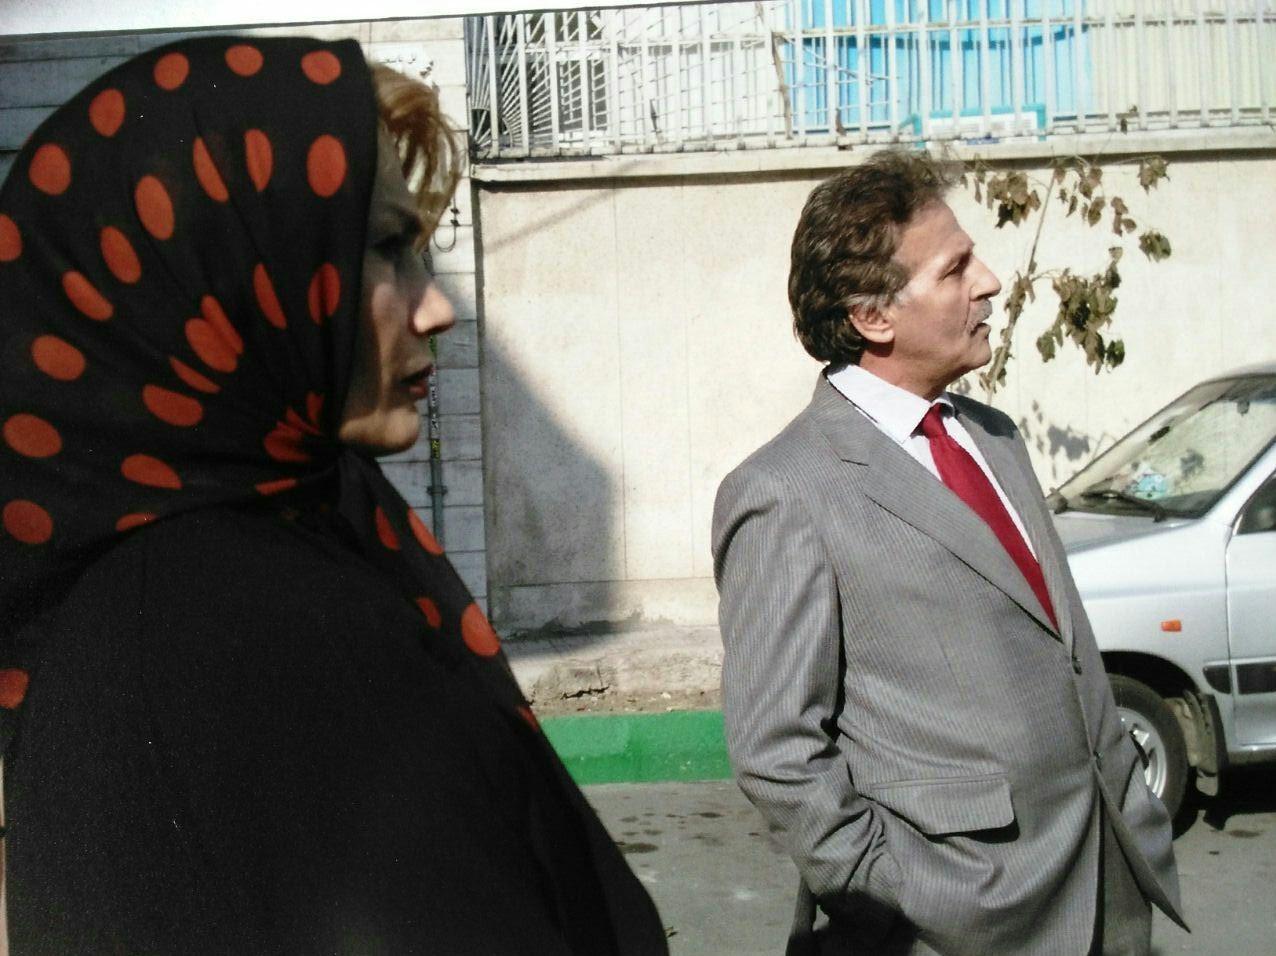 فریبرز عرب نیا در کاناپه